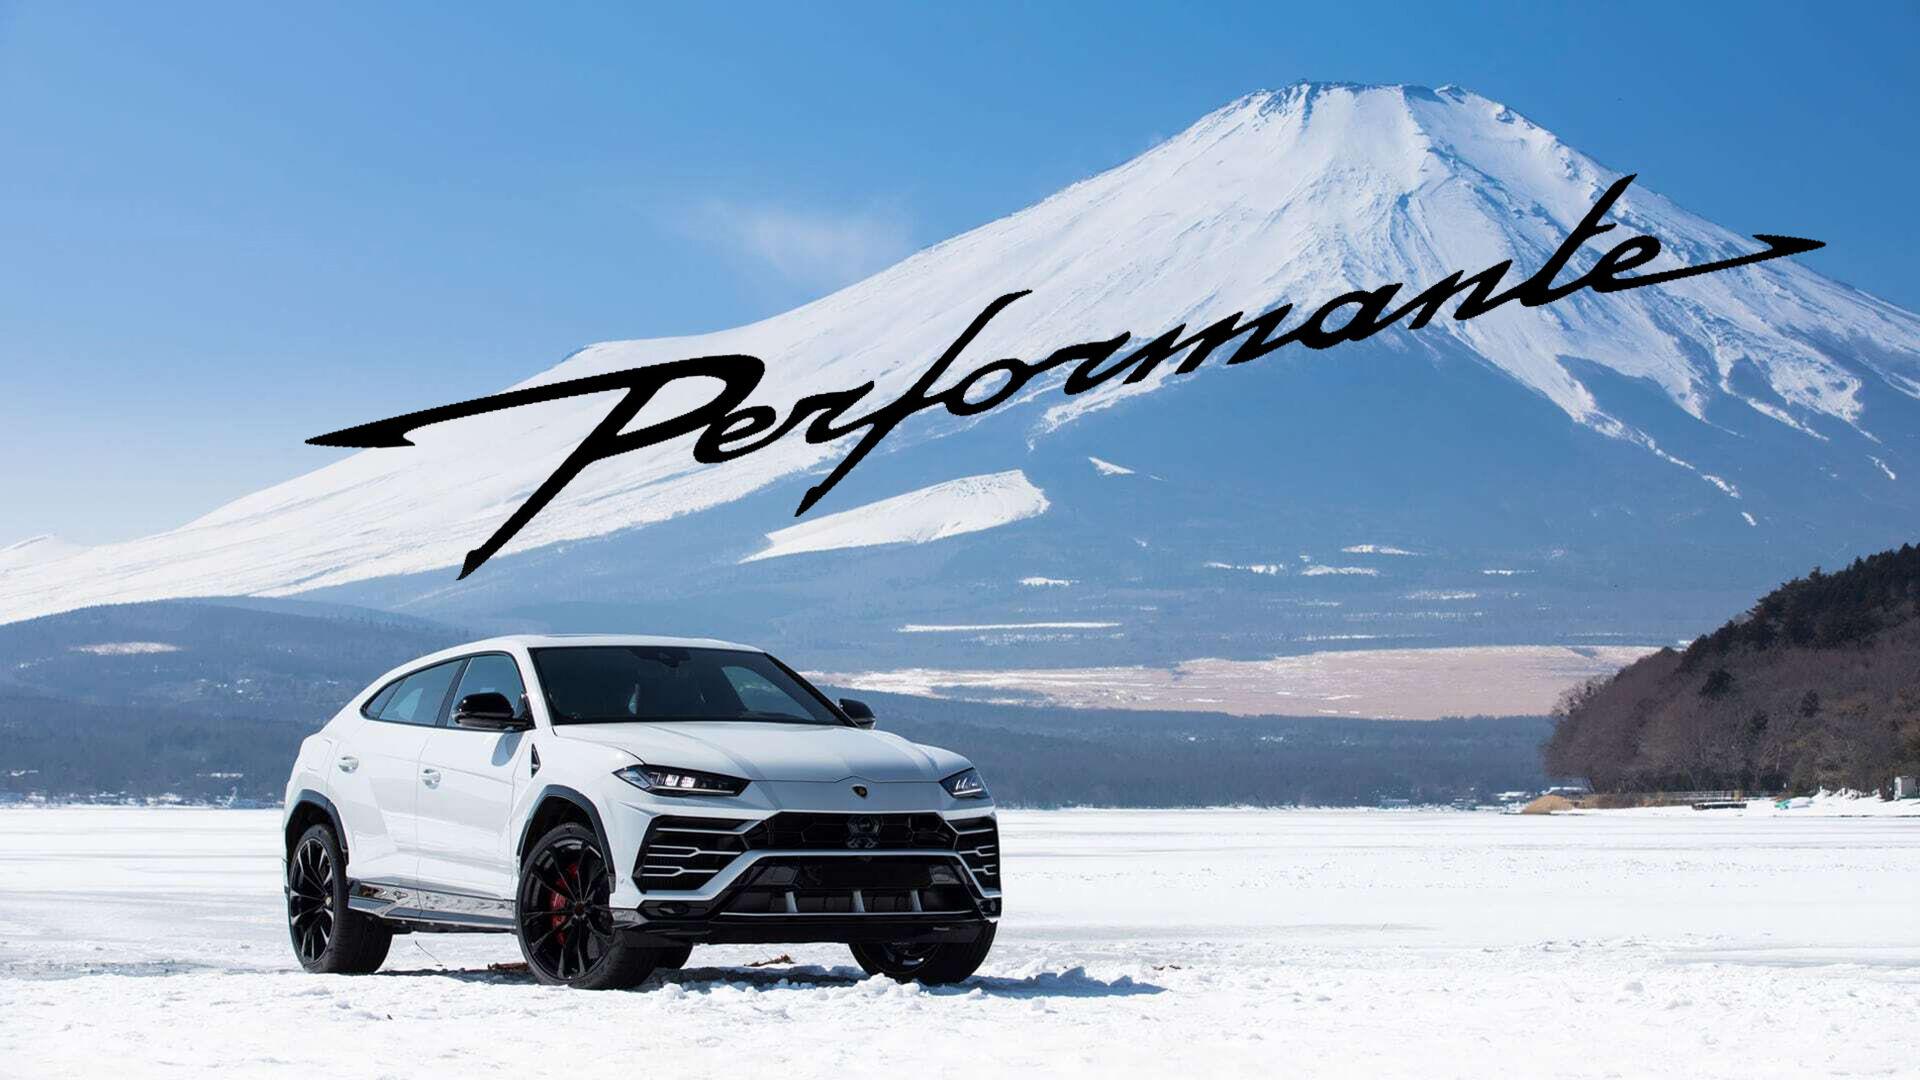 Lamborghini skulle kunna släppa Performante-version av Urus